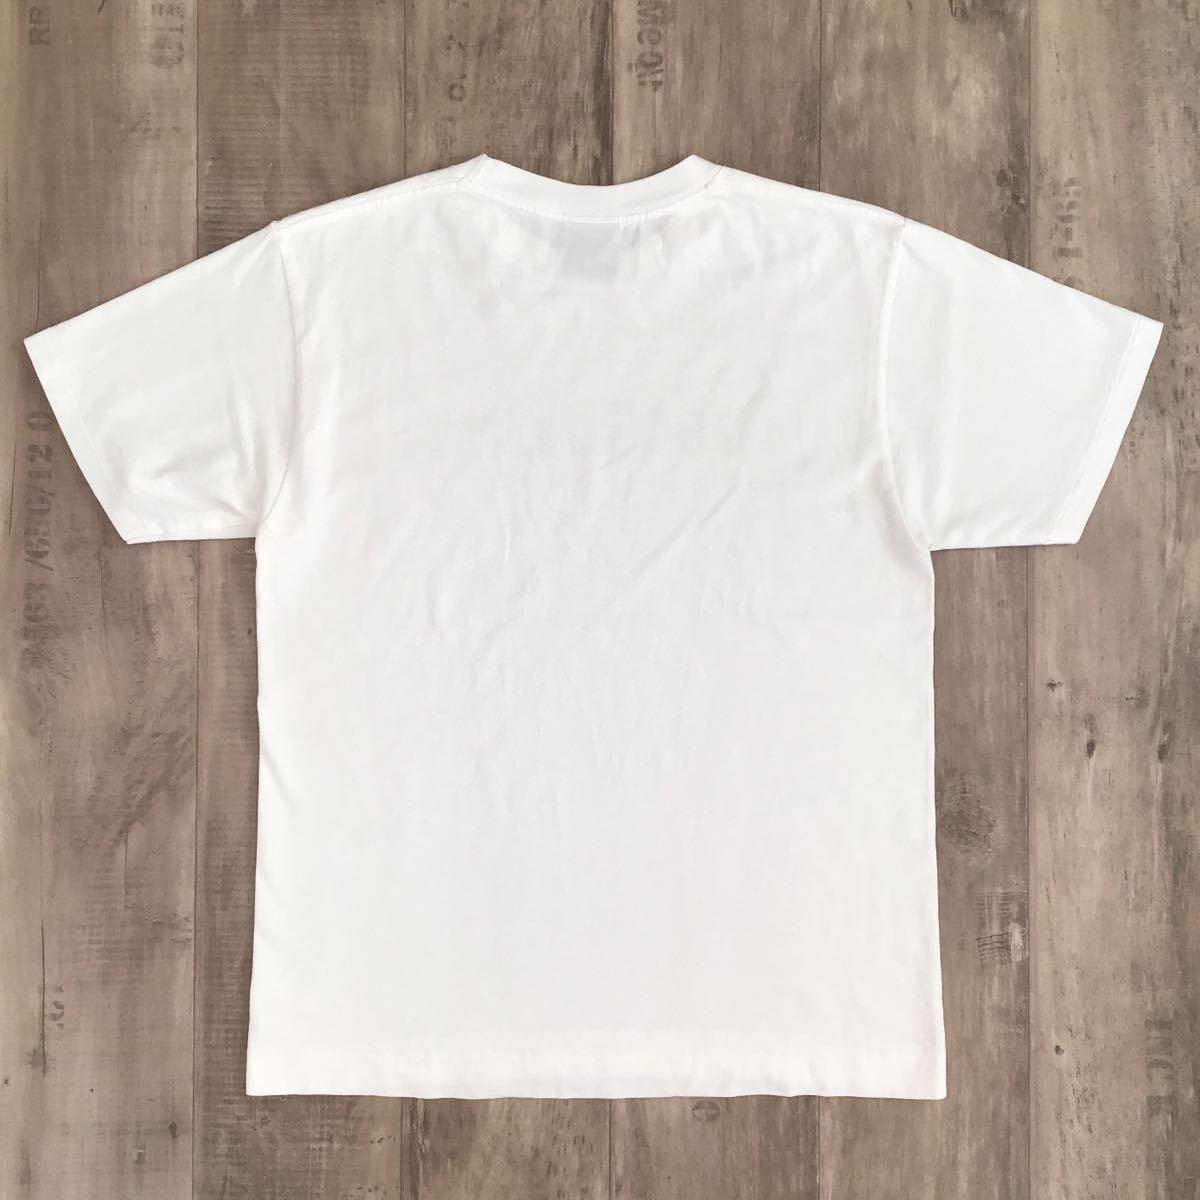 ★20着限定★ 当選品 Foot Soldier Tシャツ Mサイズ 2001年 非売品 a bathing ape BAPE ABC camo エイプ ベイプ フットソルジャー NIGO u32